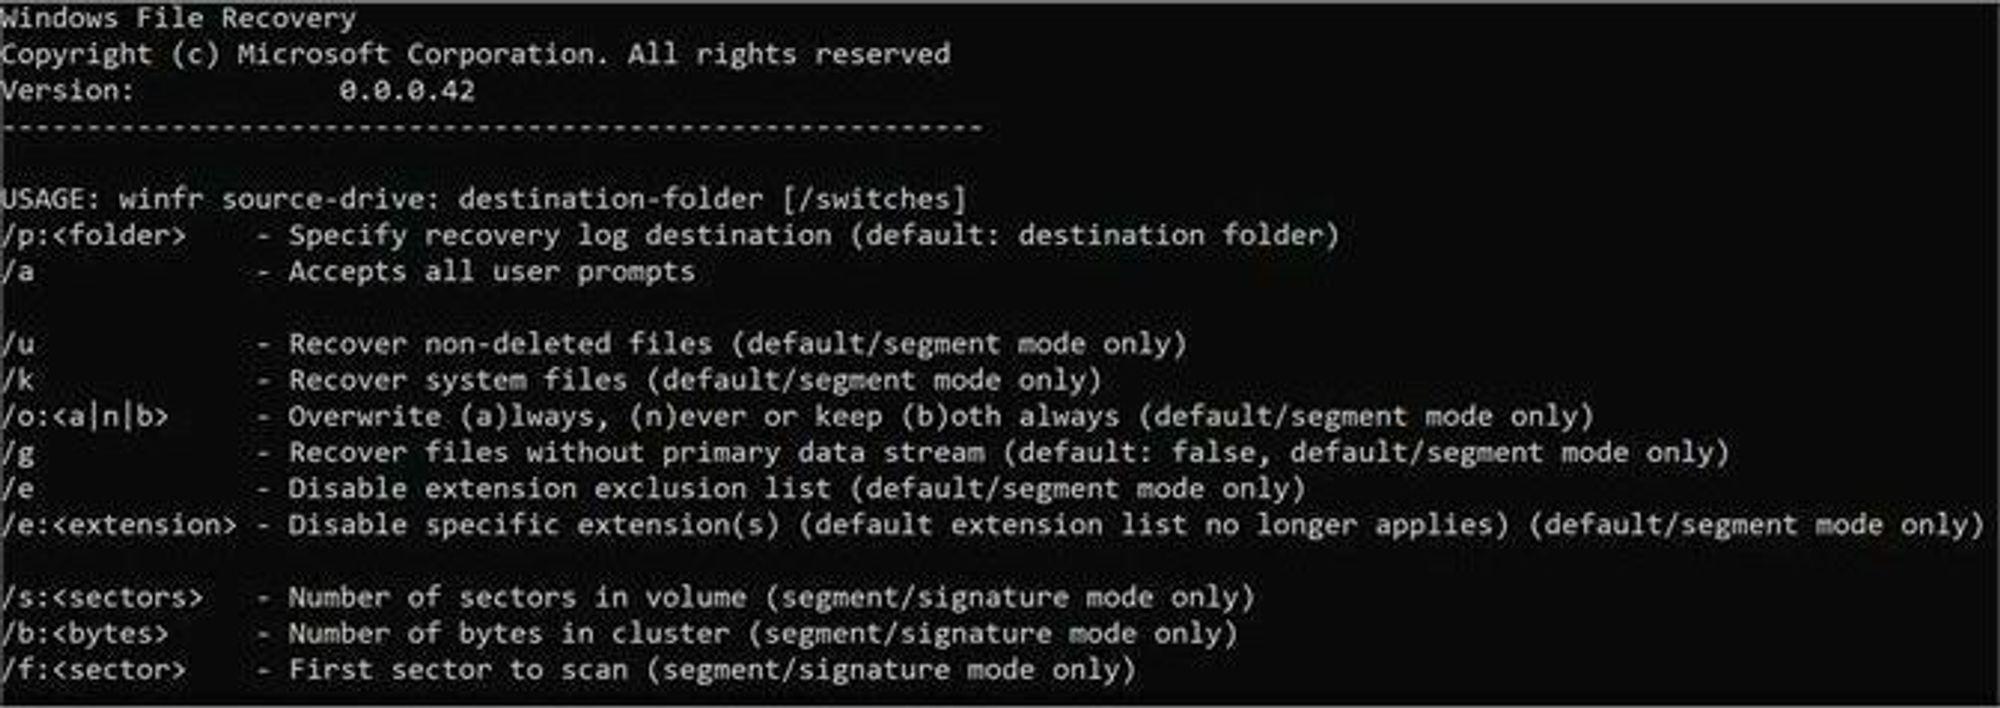 Windows File Recovery kjøres fra kommandolinjen.